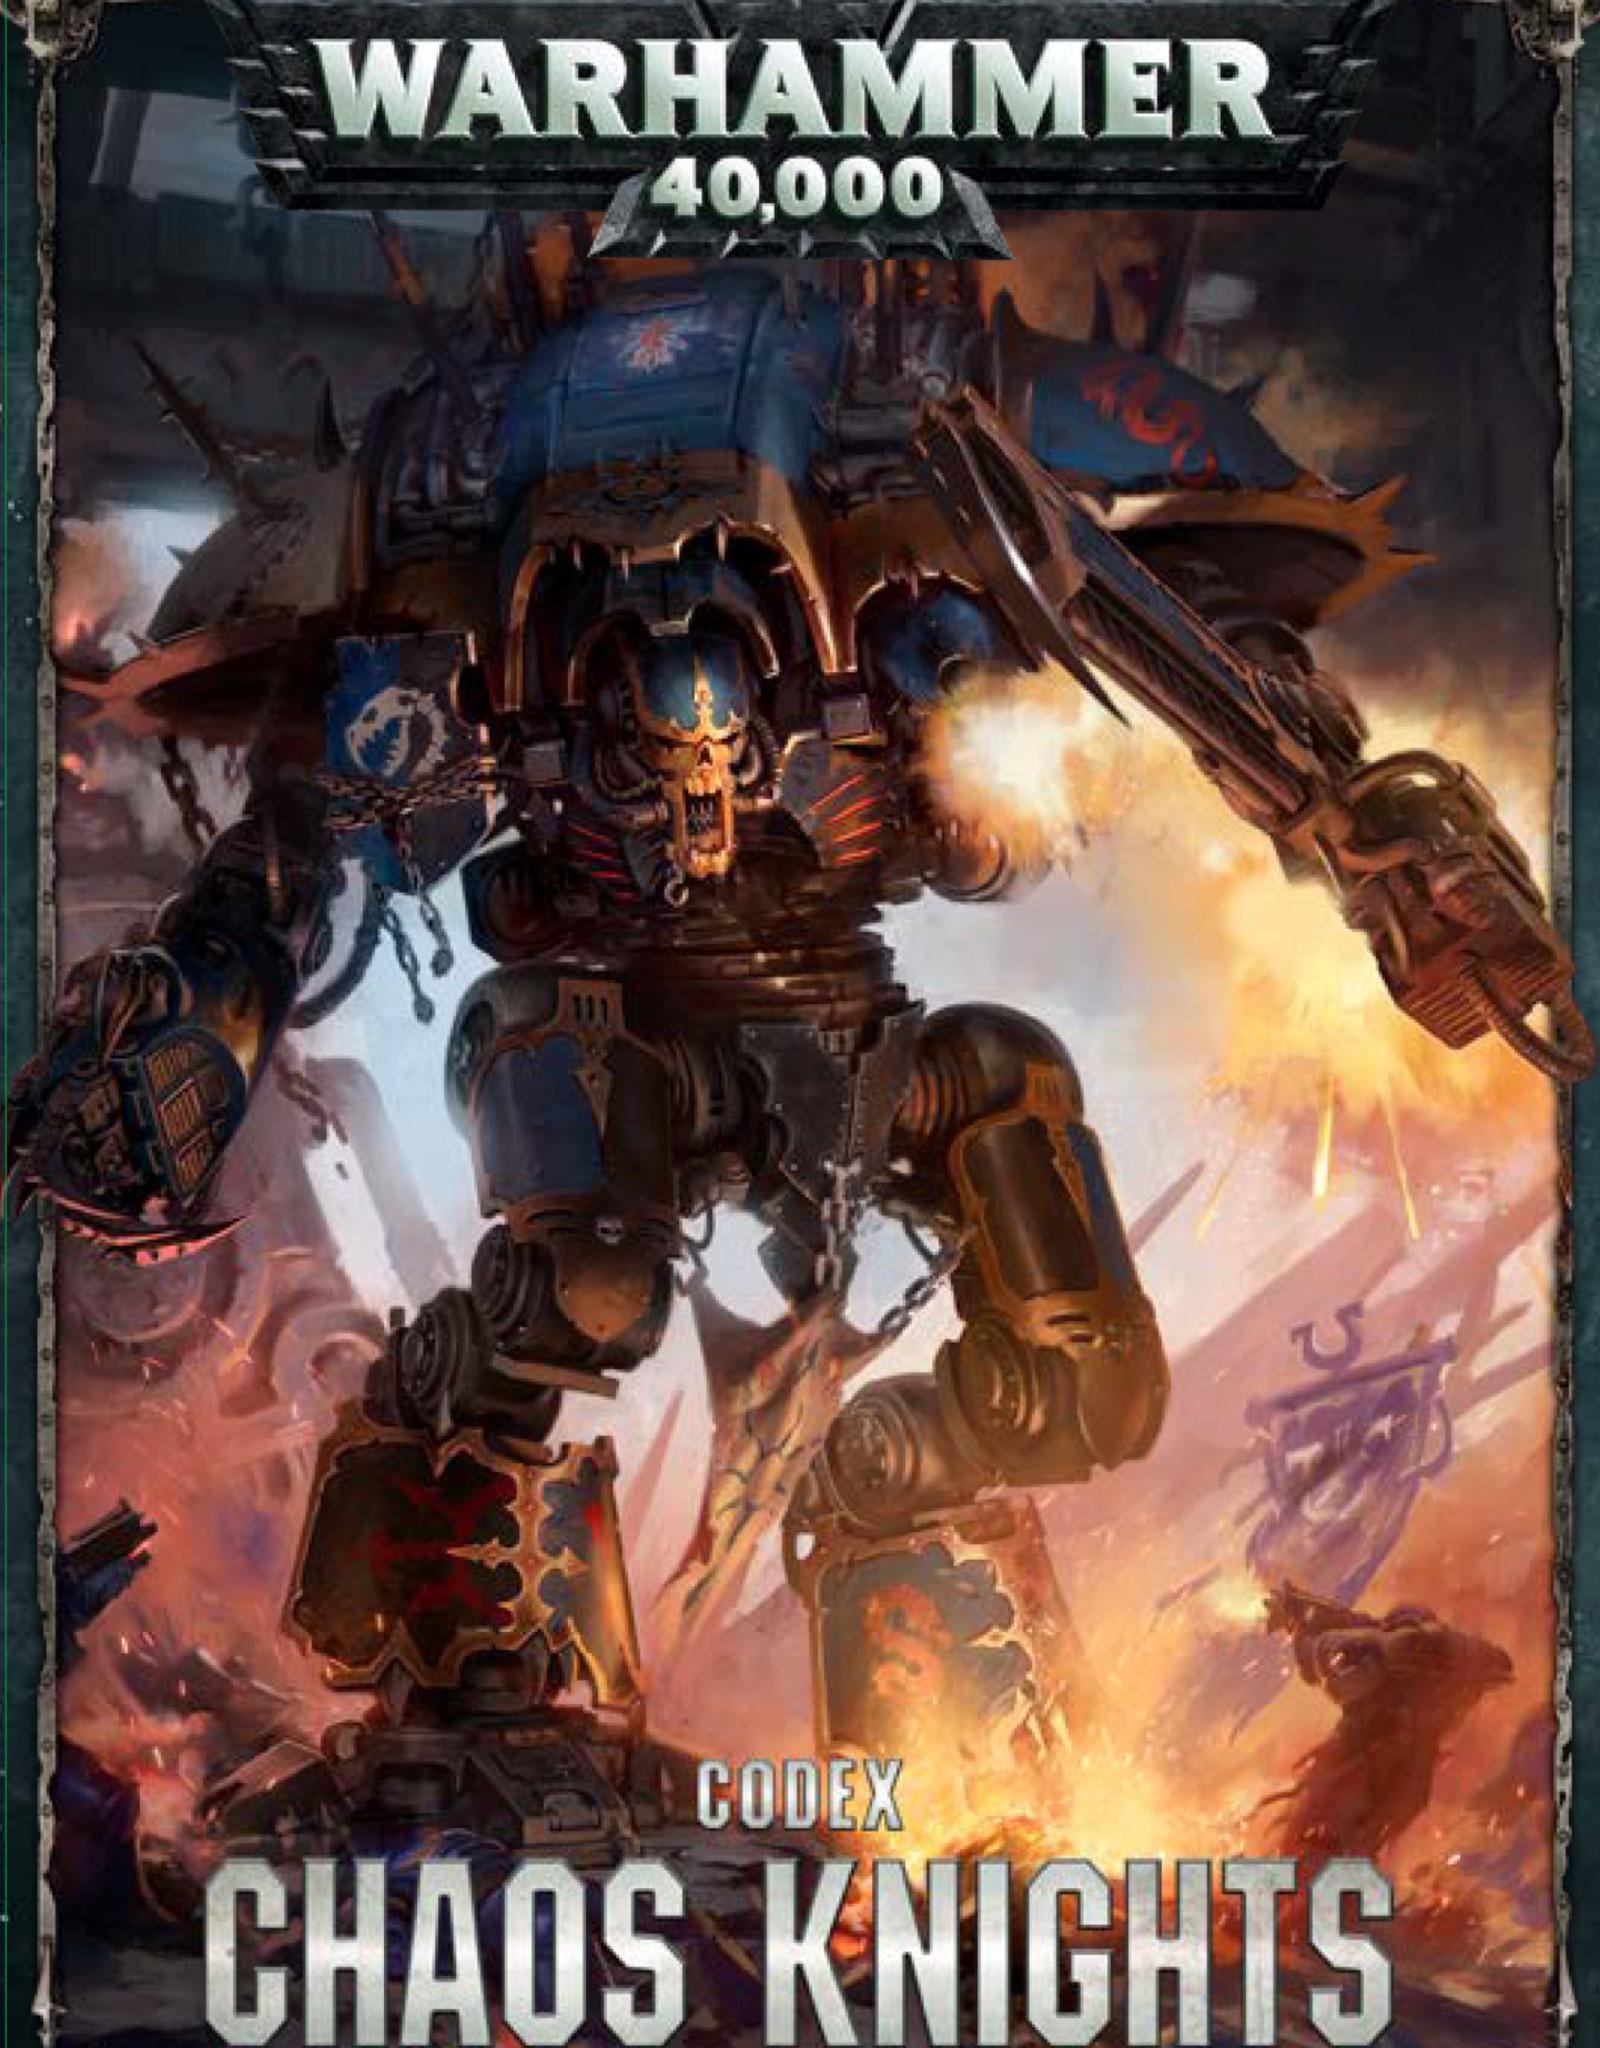 Warhammer 40K Codex: Chaos Knights